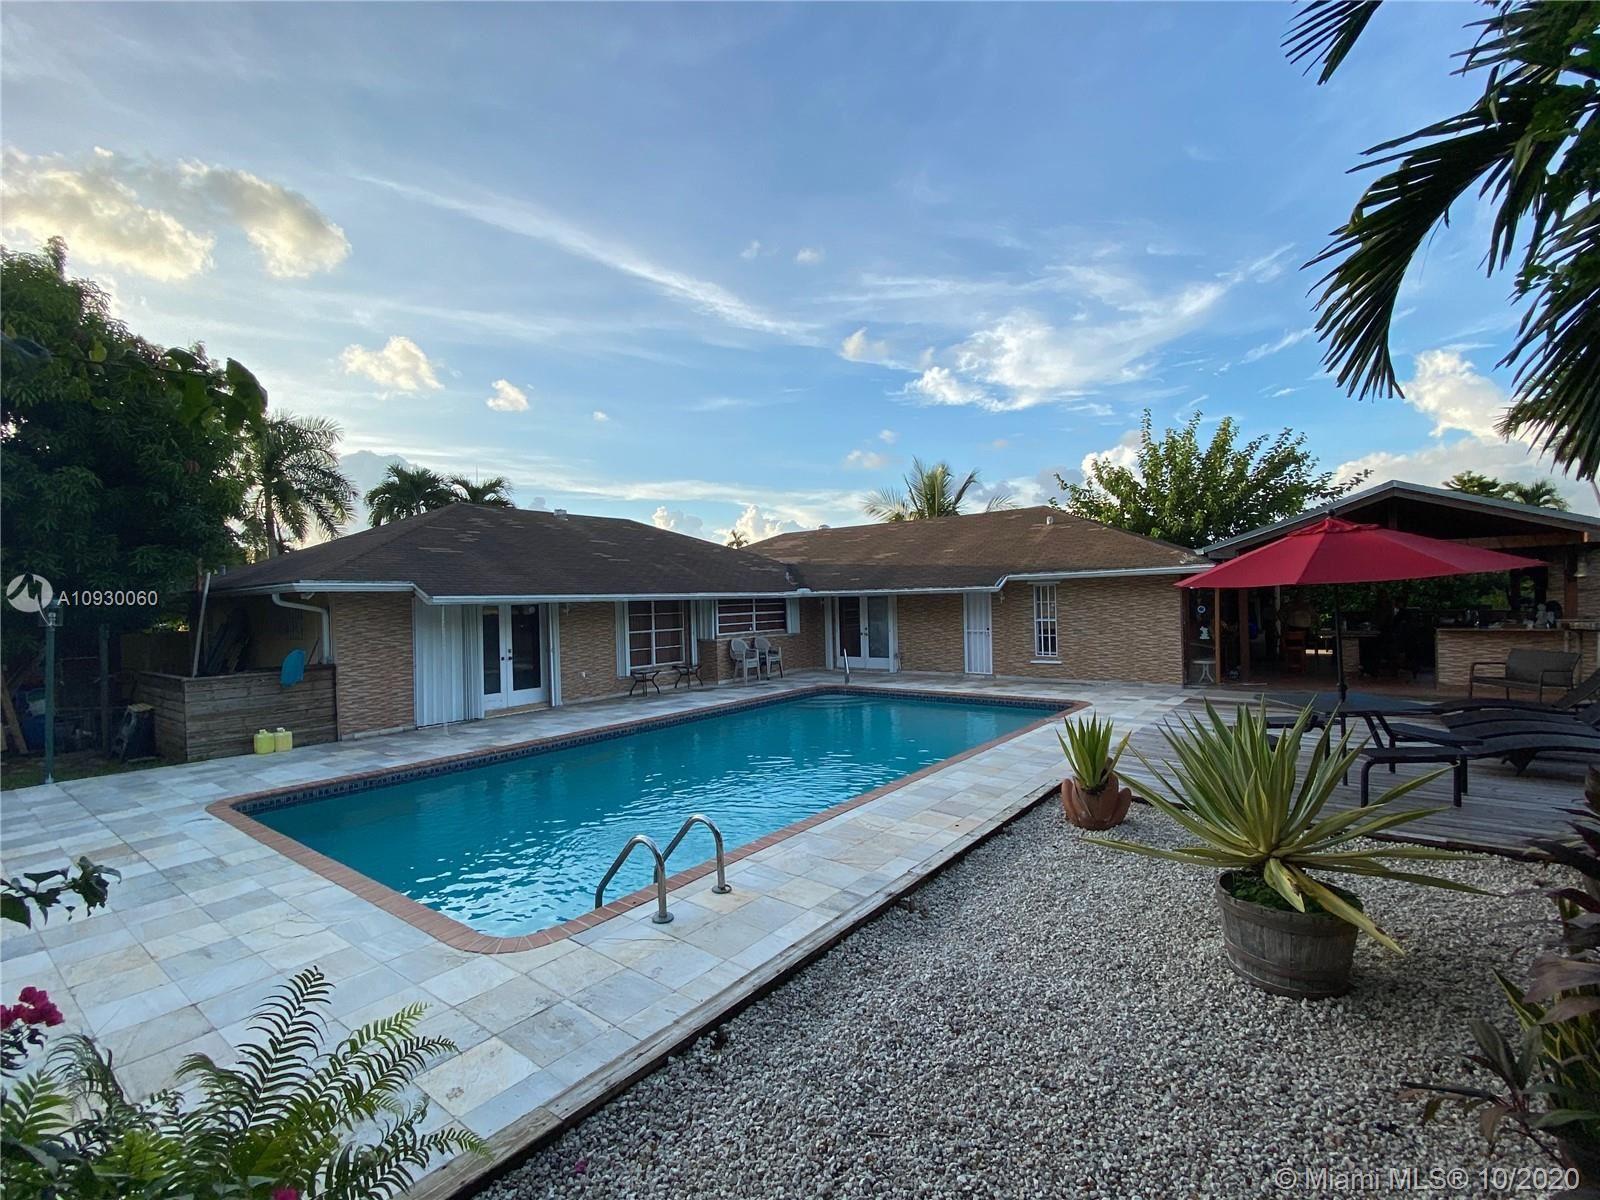 9735 SW 115th Ct, Miami, FL 33176 - #: A10930060